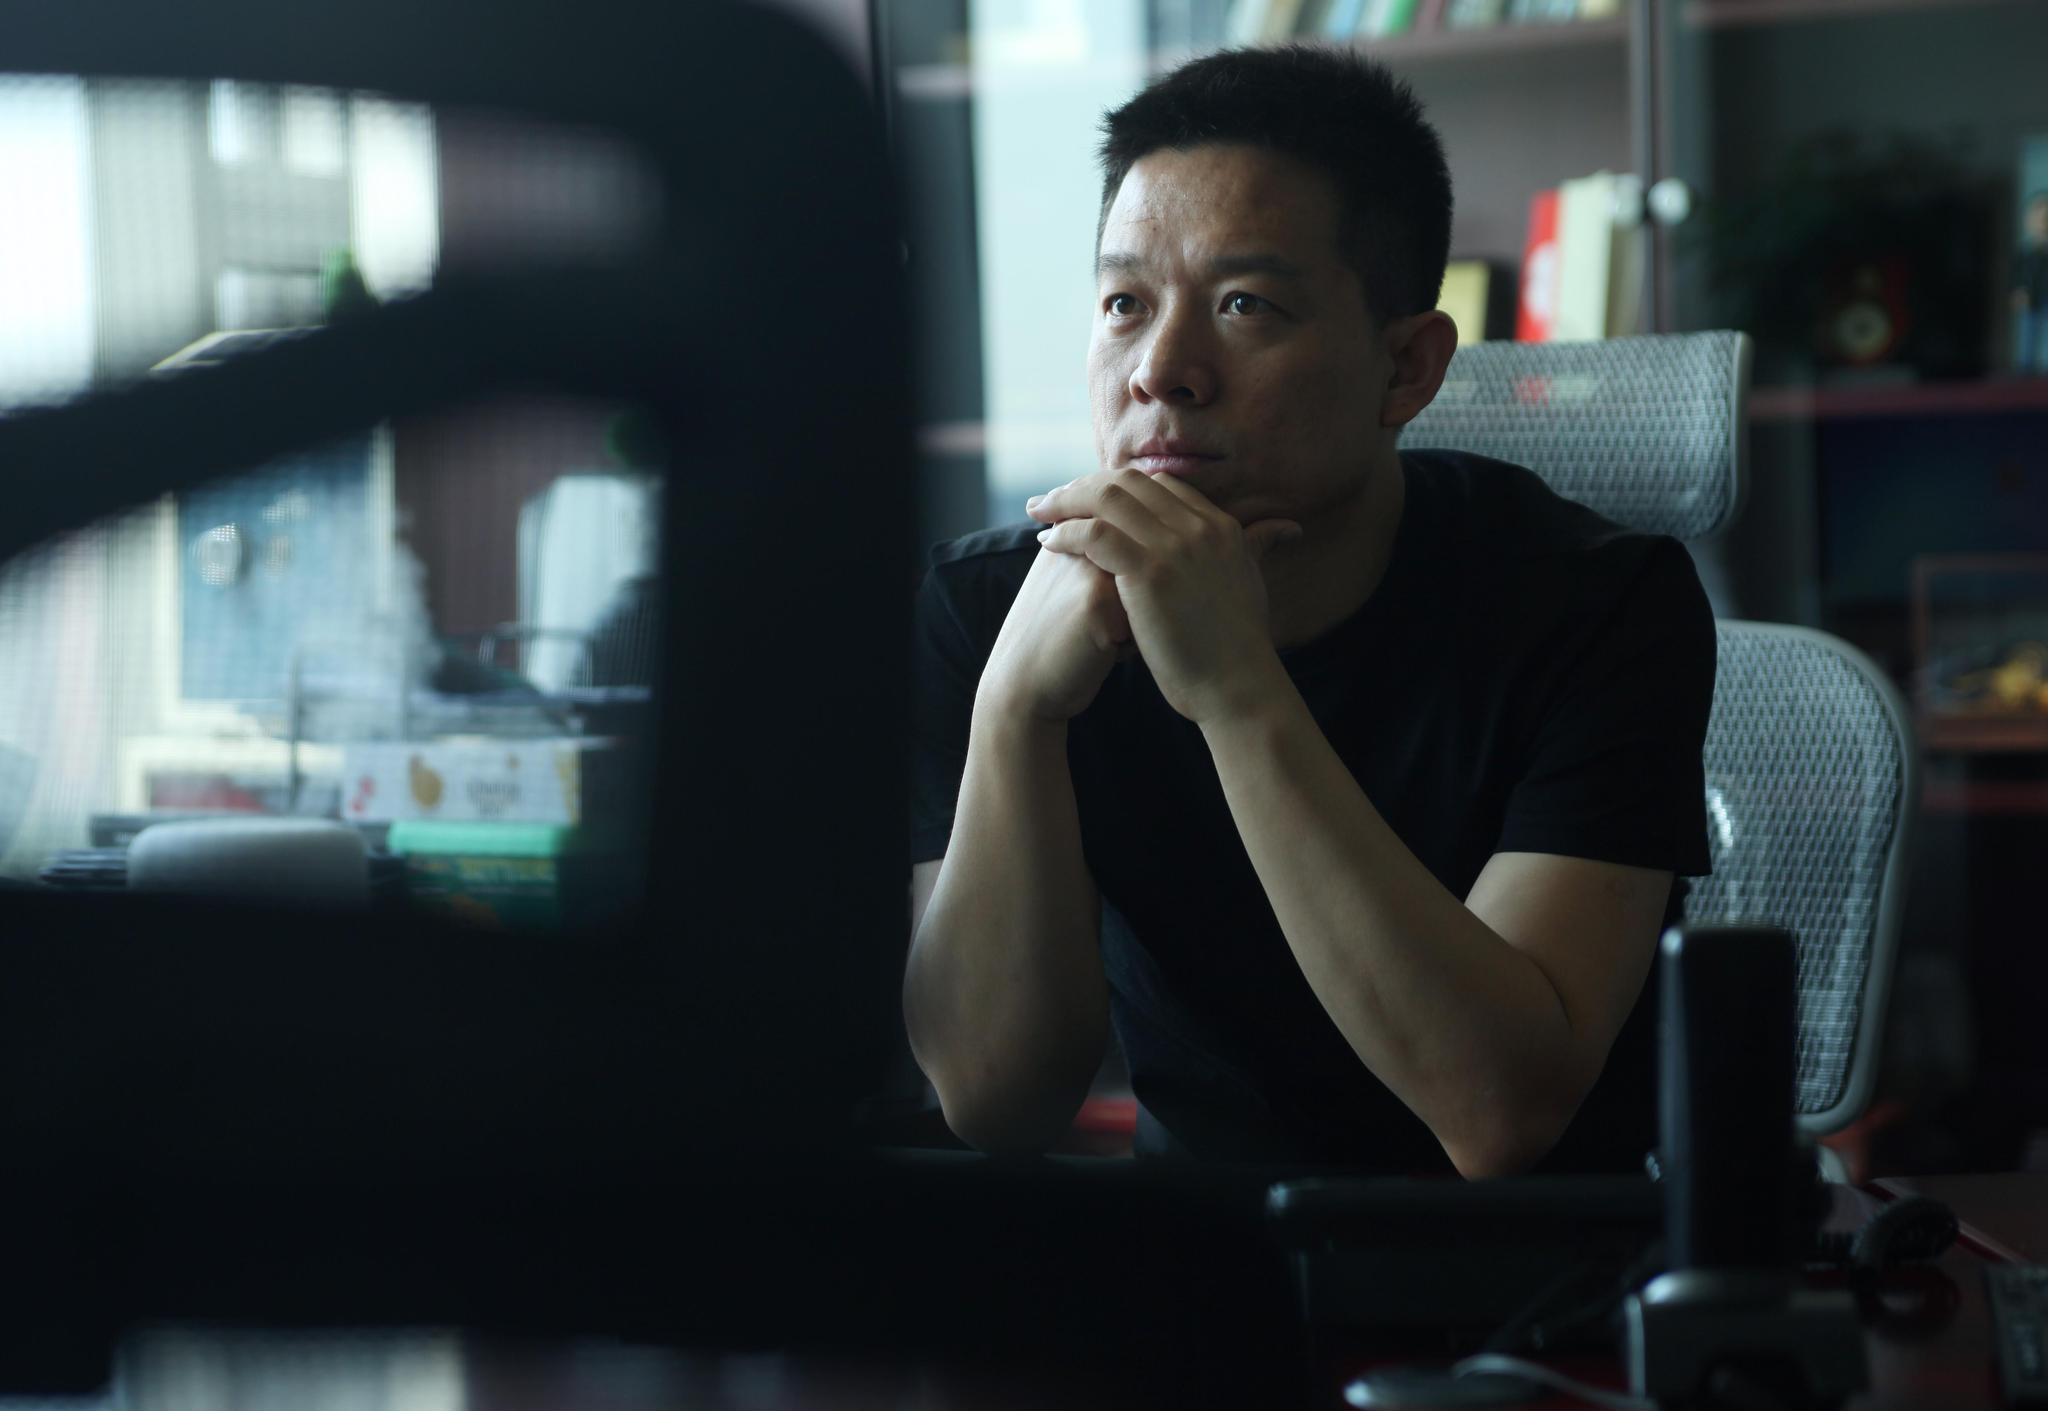 贾跃亭想出新招数:主动申请破产重组,他的真实用意并非公开耍赖